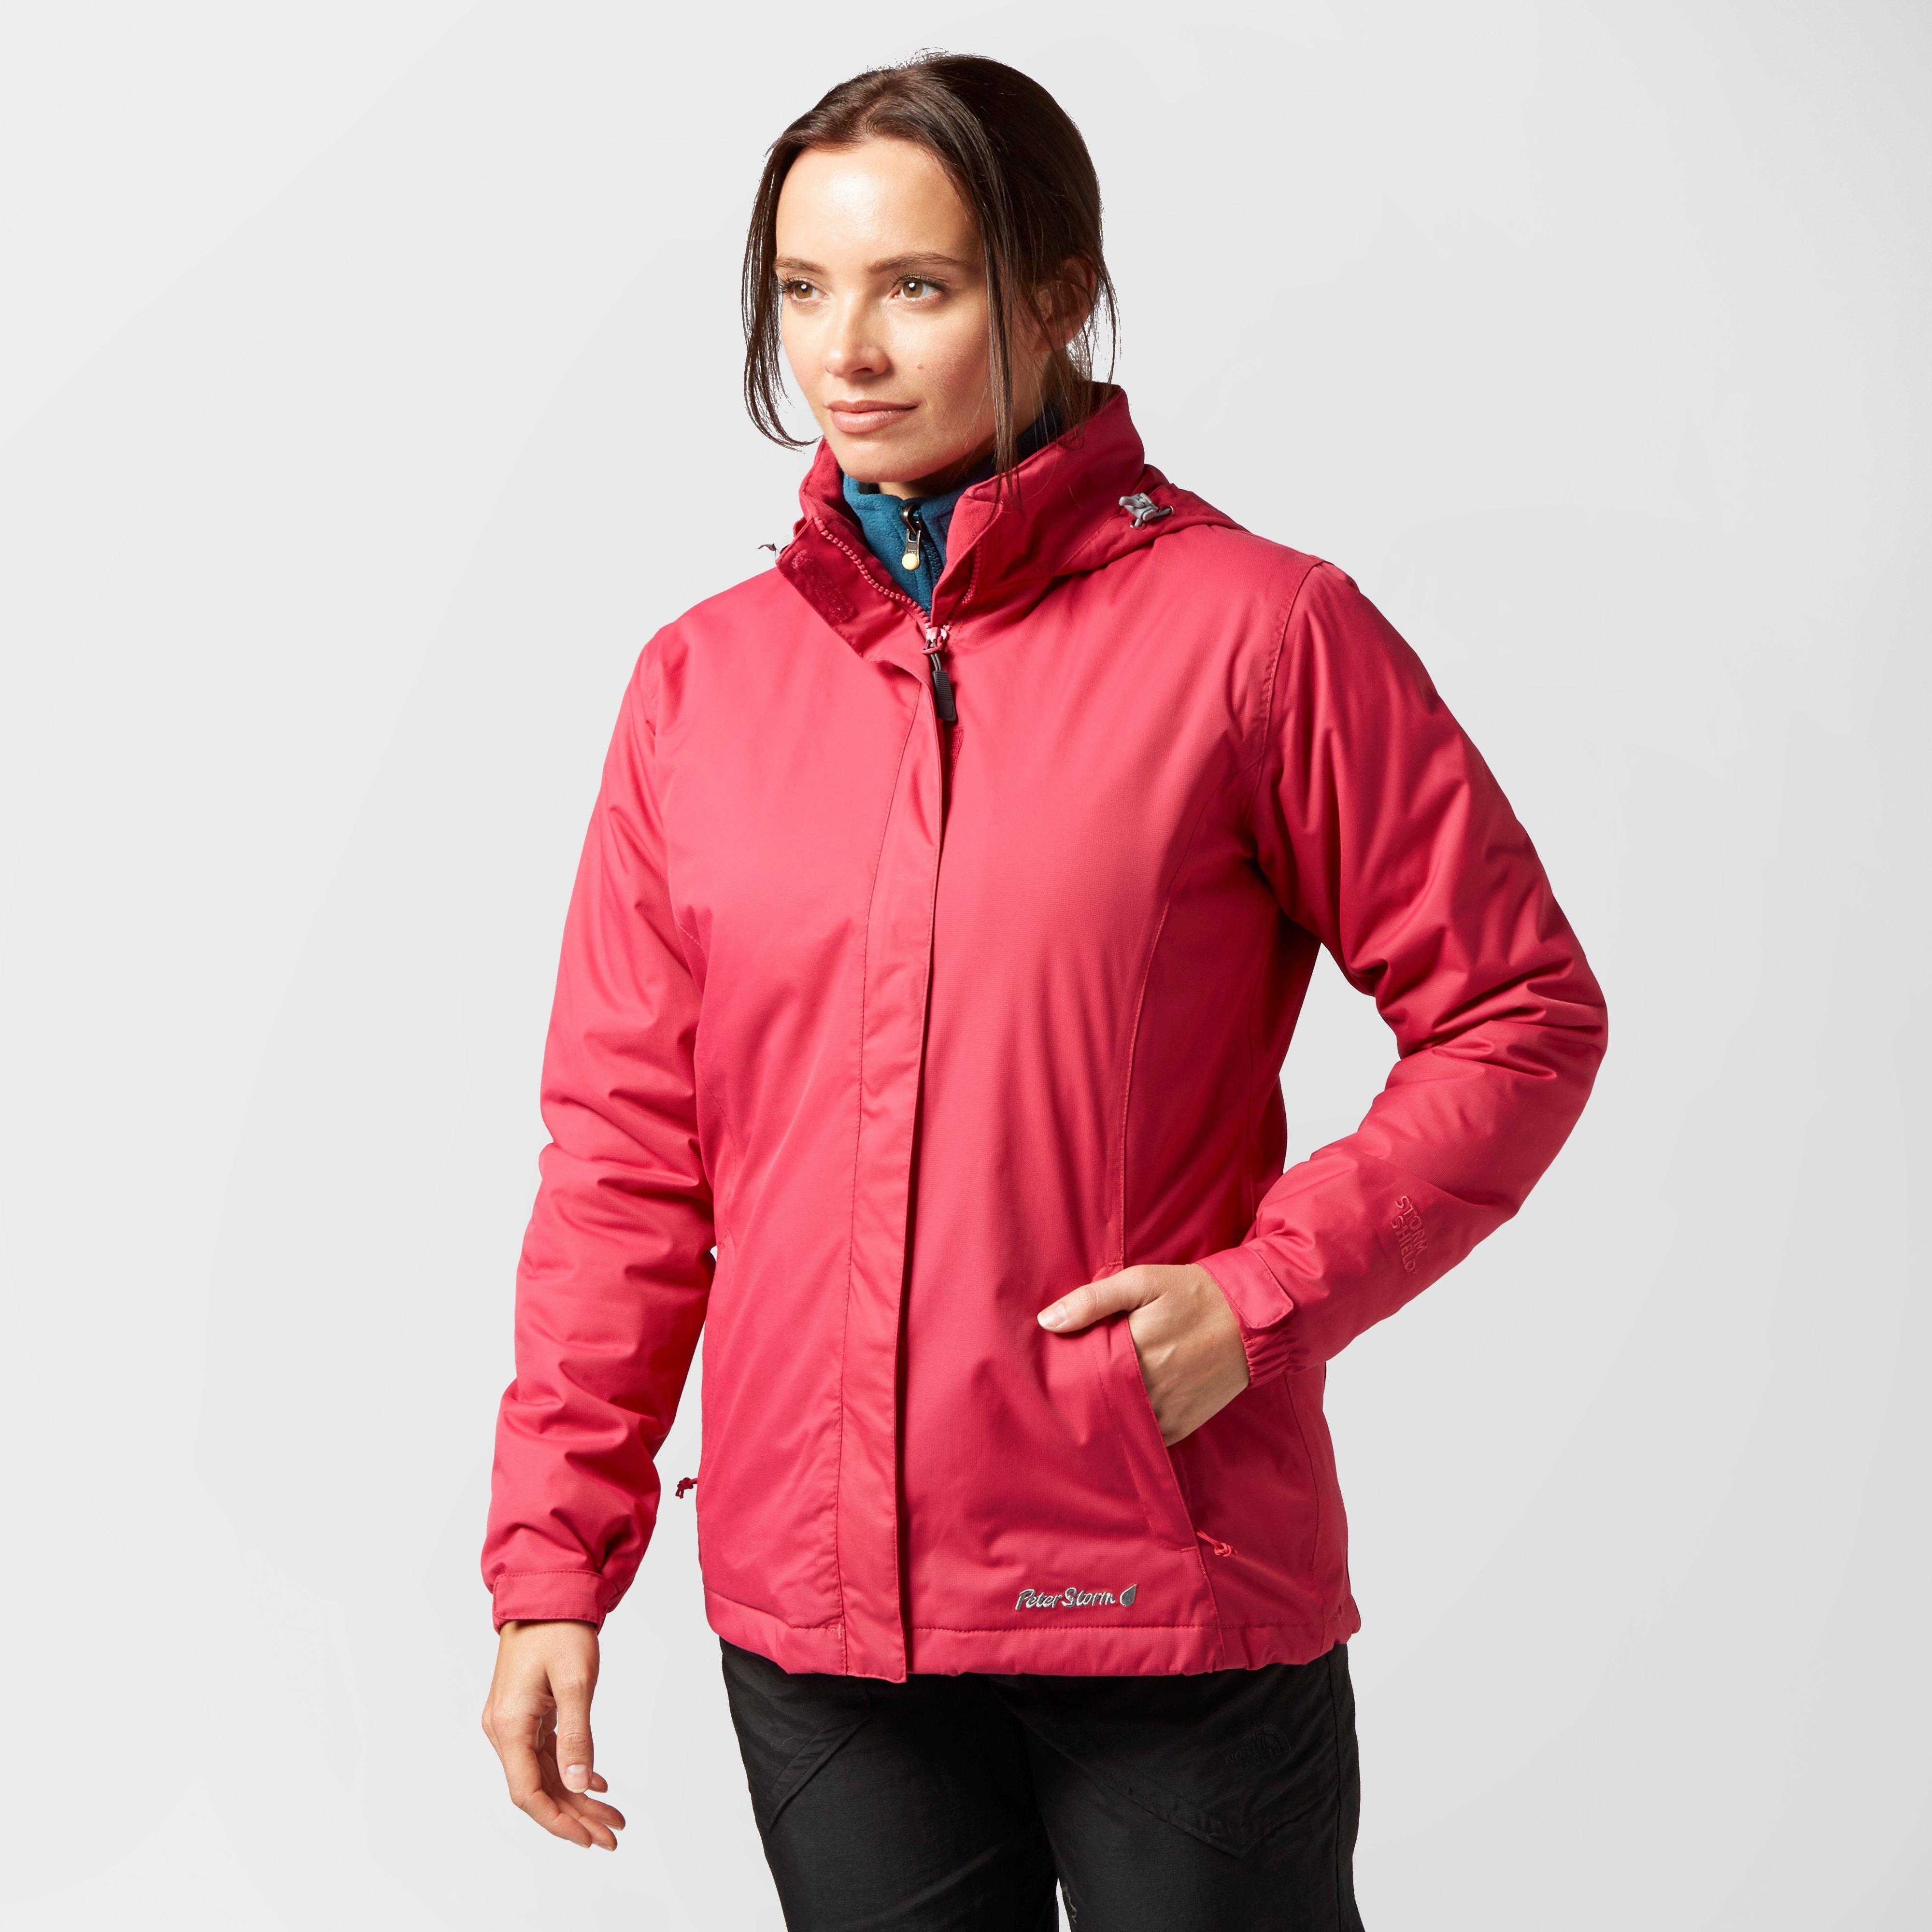 Peter Storm Women's Insulated Storm Waterproof Jacket ...